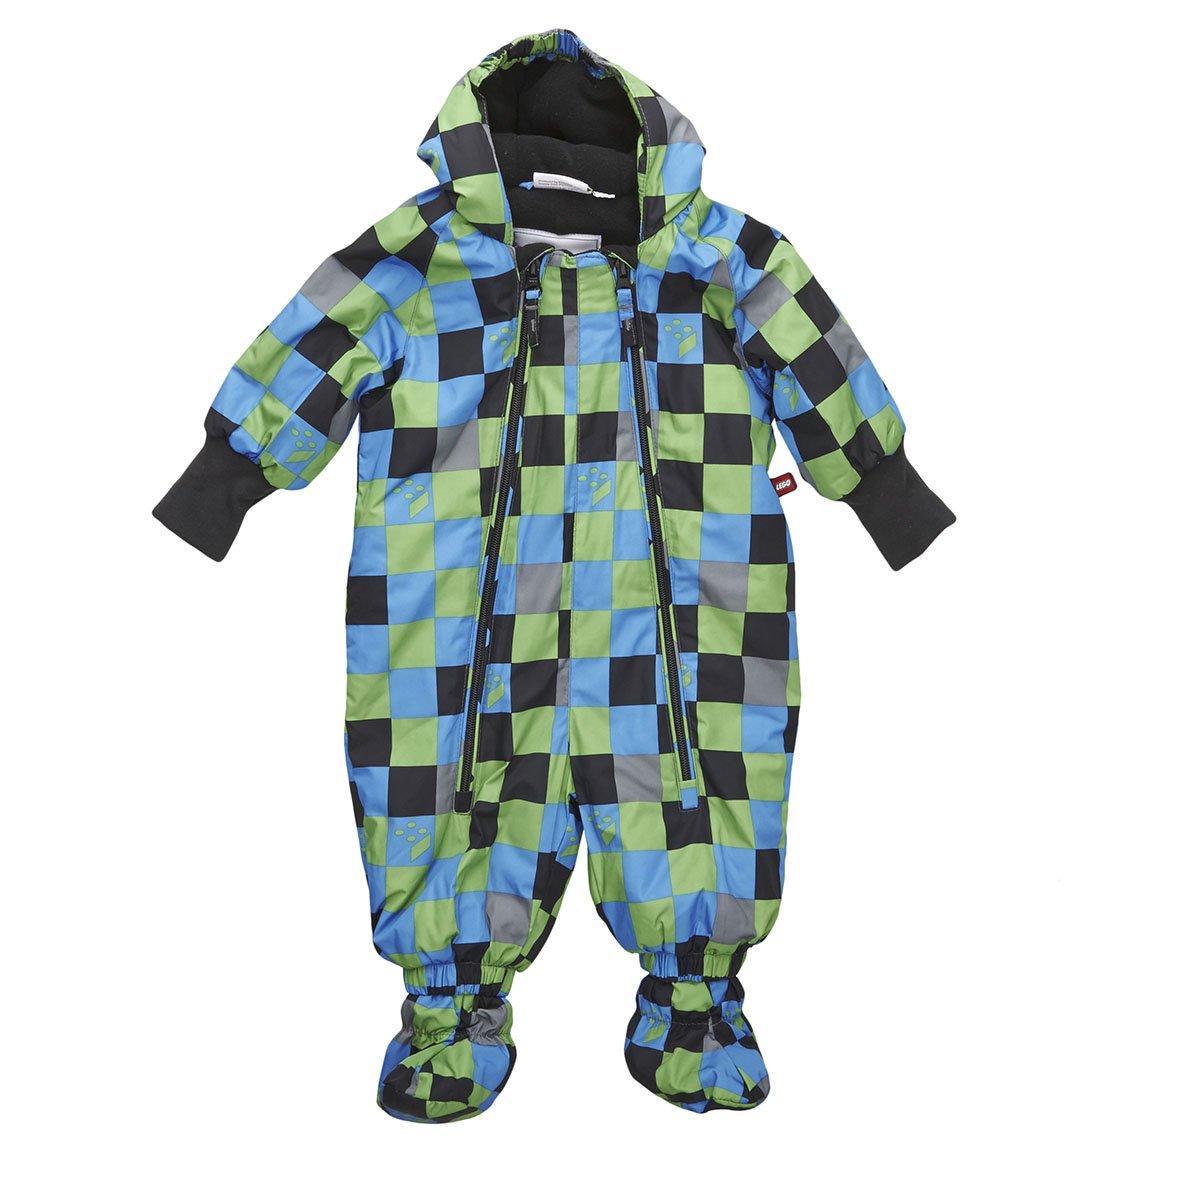 Lego Wear Baby Jungen Schneeanzug LEGO duplo Baby JOSH 615 KABOOKI LEGO 615